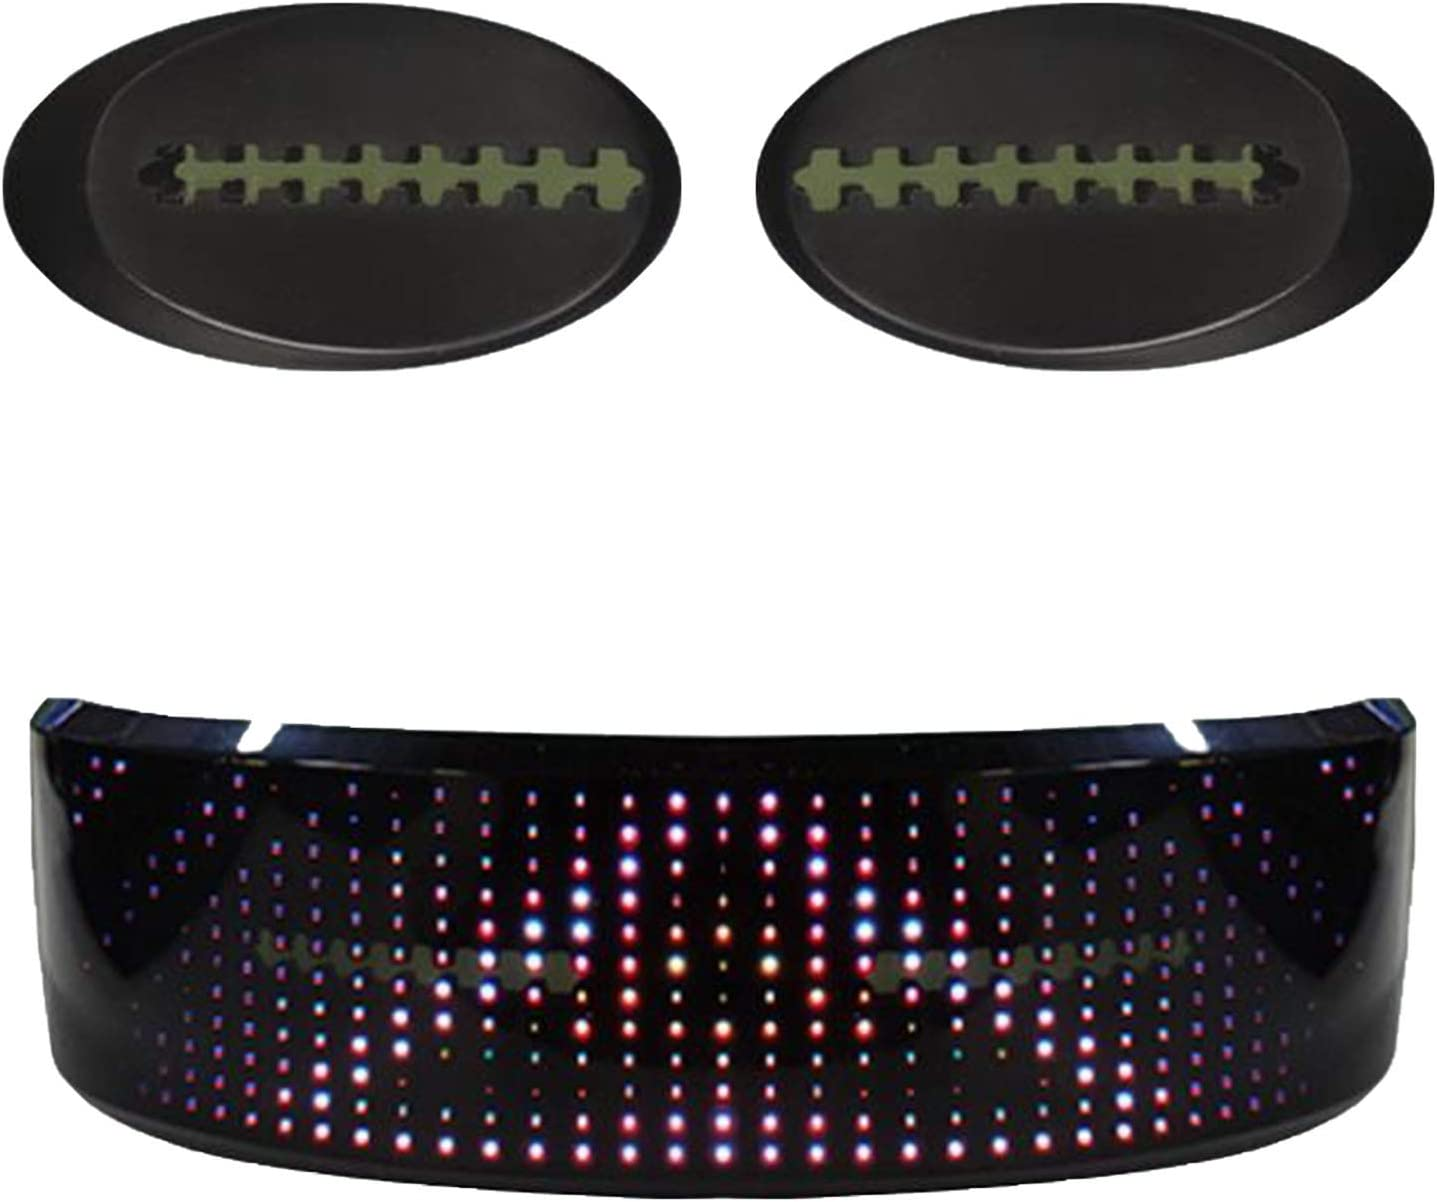 Partyzubeh/ör Musikfestivals KEBEIXUAN LED Brille f/ür Partybevorzugungen anpassbare Bluetooth-LED-Blitzbrillen Vierfarbig wiederaufladbare USB-LED-Brillen f/ür Raves Nachtclubs